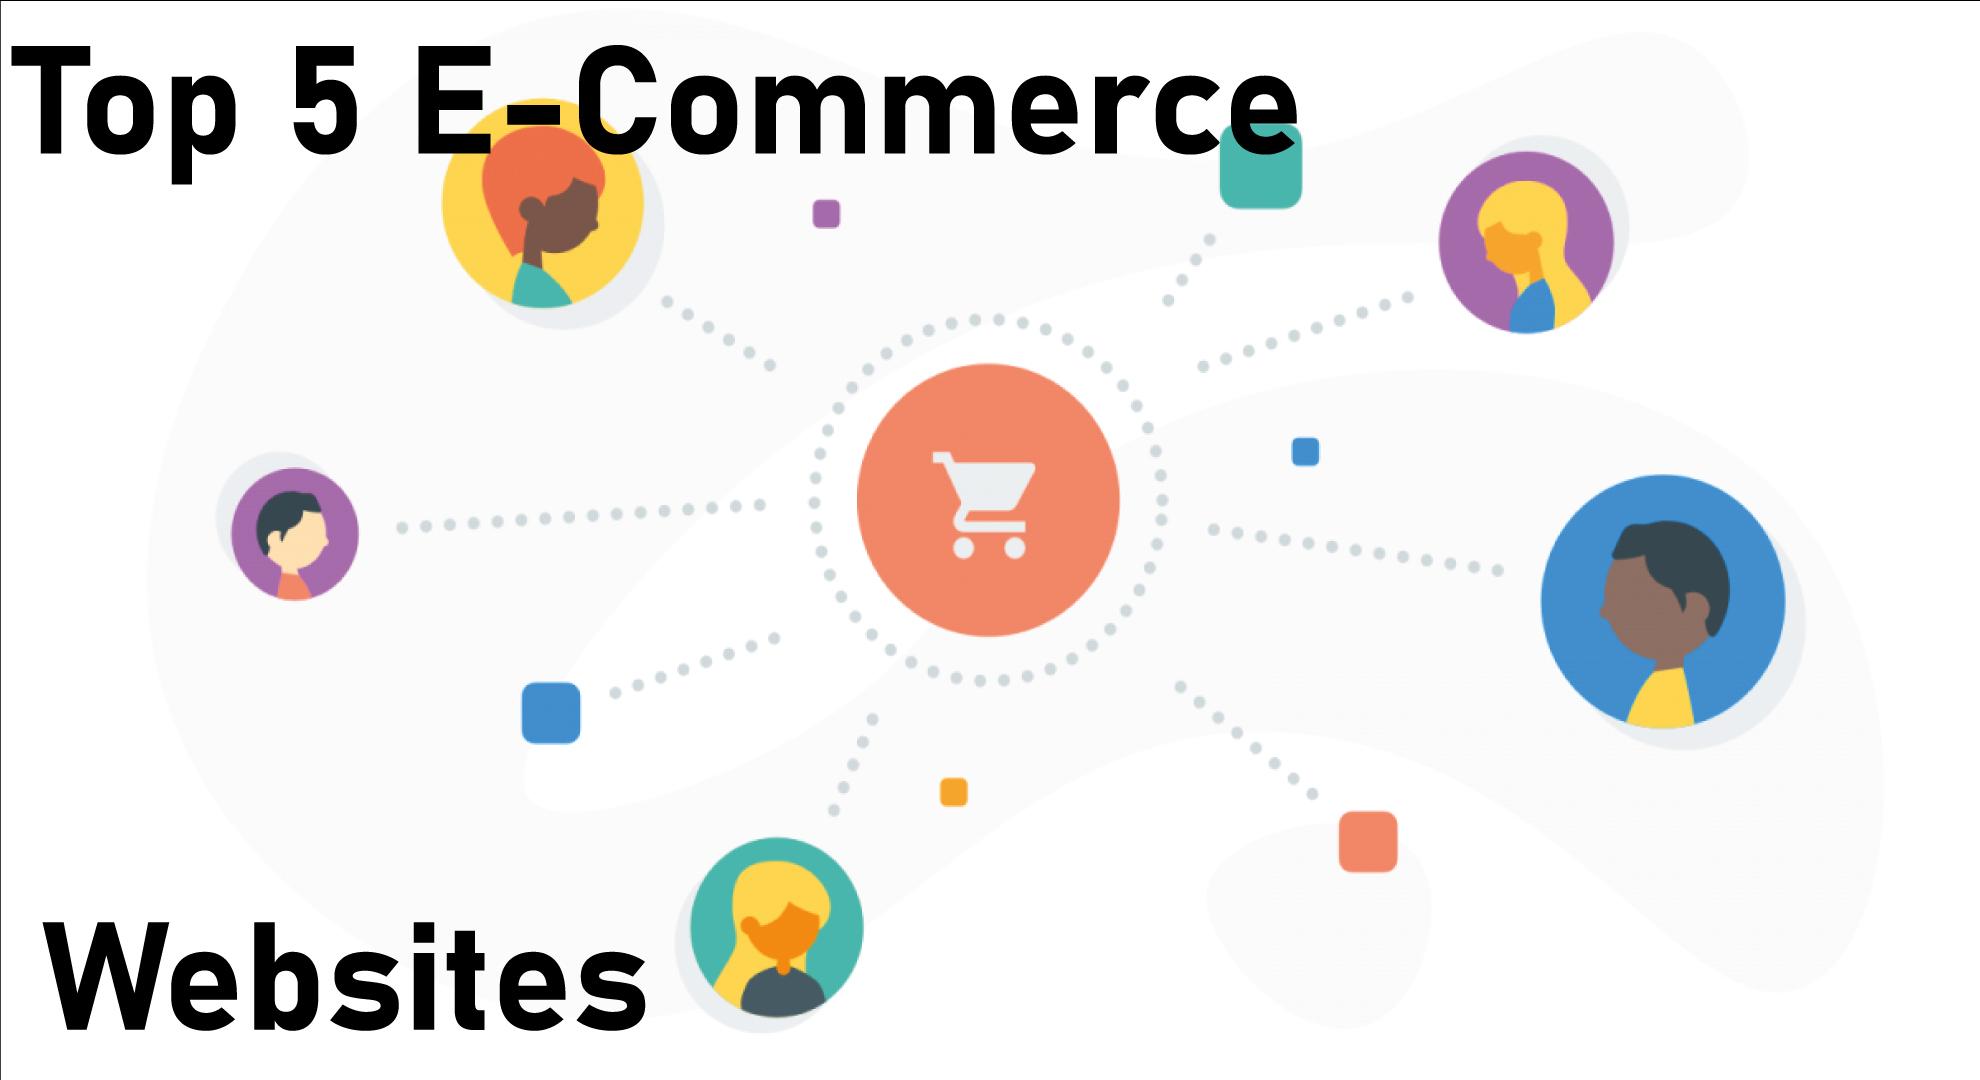 Top-5-Ecommerce-And-Shopping-Websites-Worldwideeee